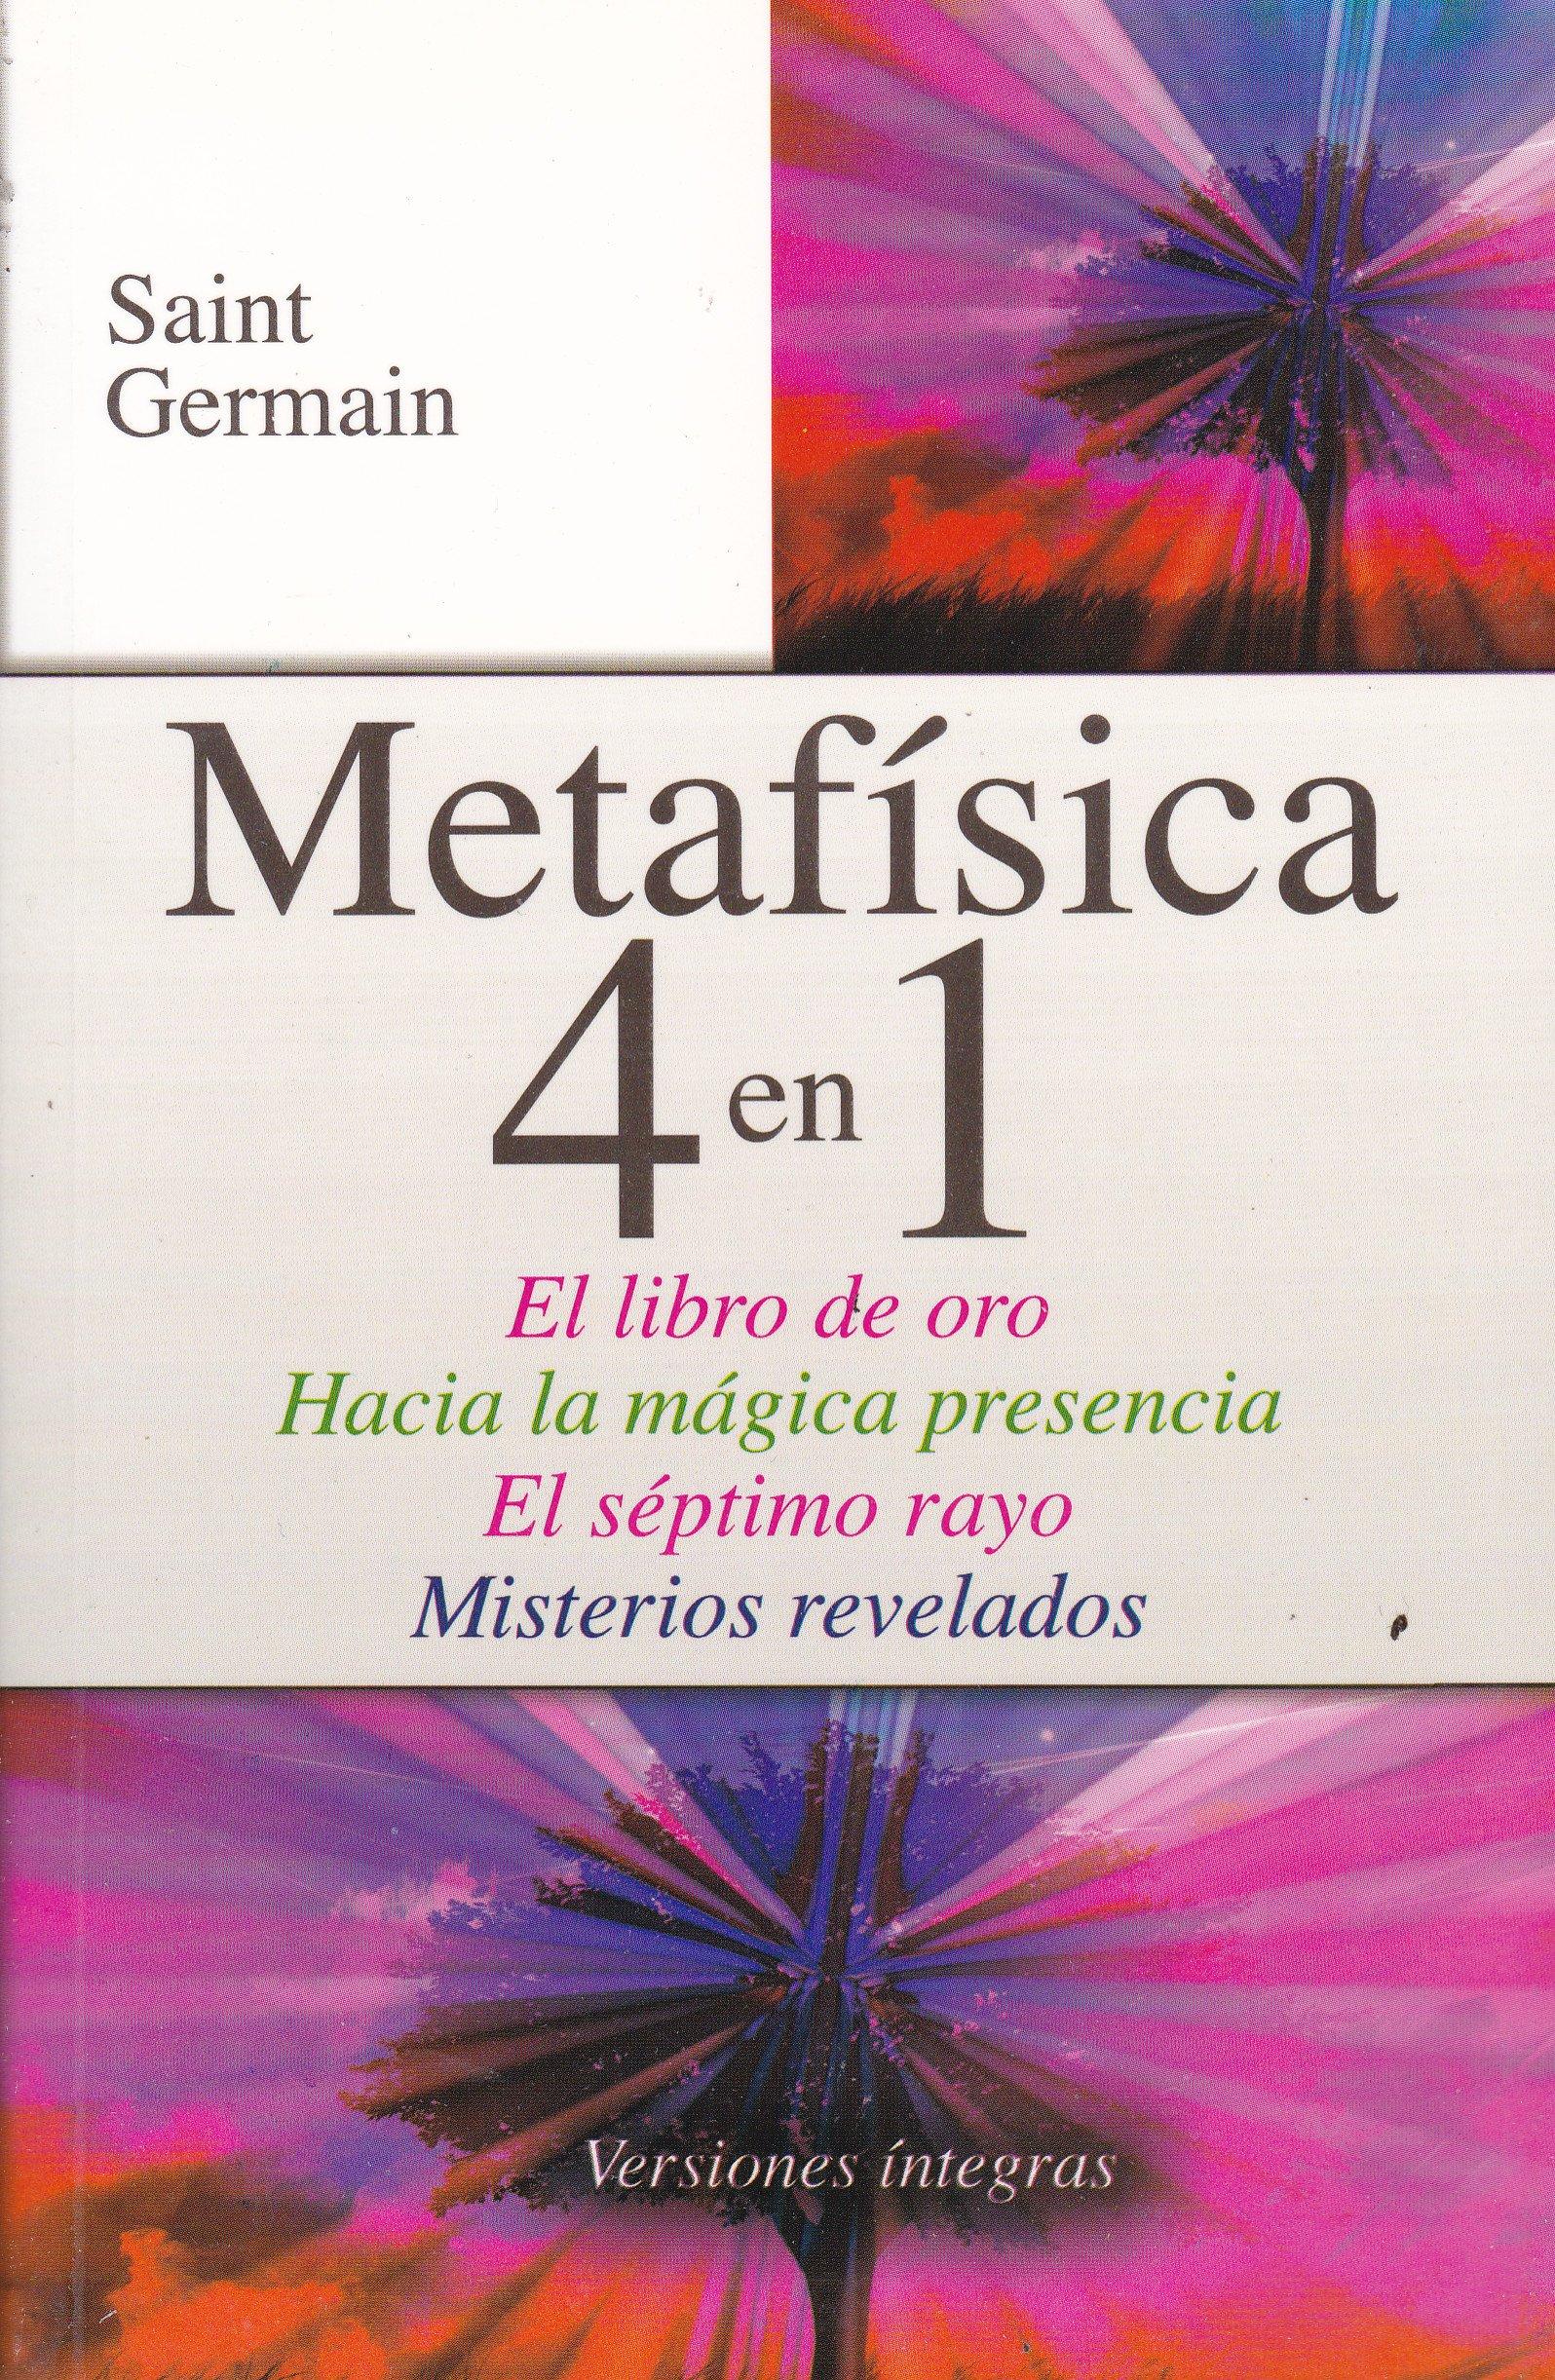 Metafisica 4 En 1 El Libro De Oro Hacia La Magica Presencia El Septimo Rayo Misterios Revelados Spanish Edition Saint Germain 9786071415097 Books